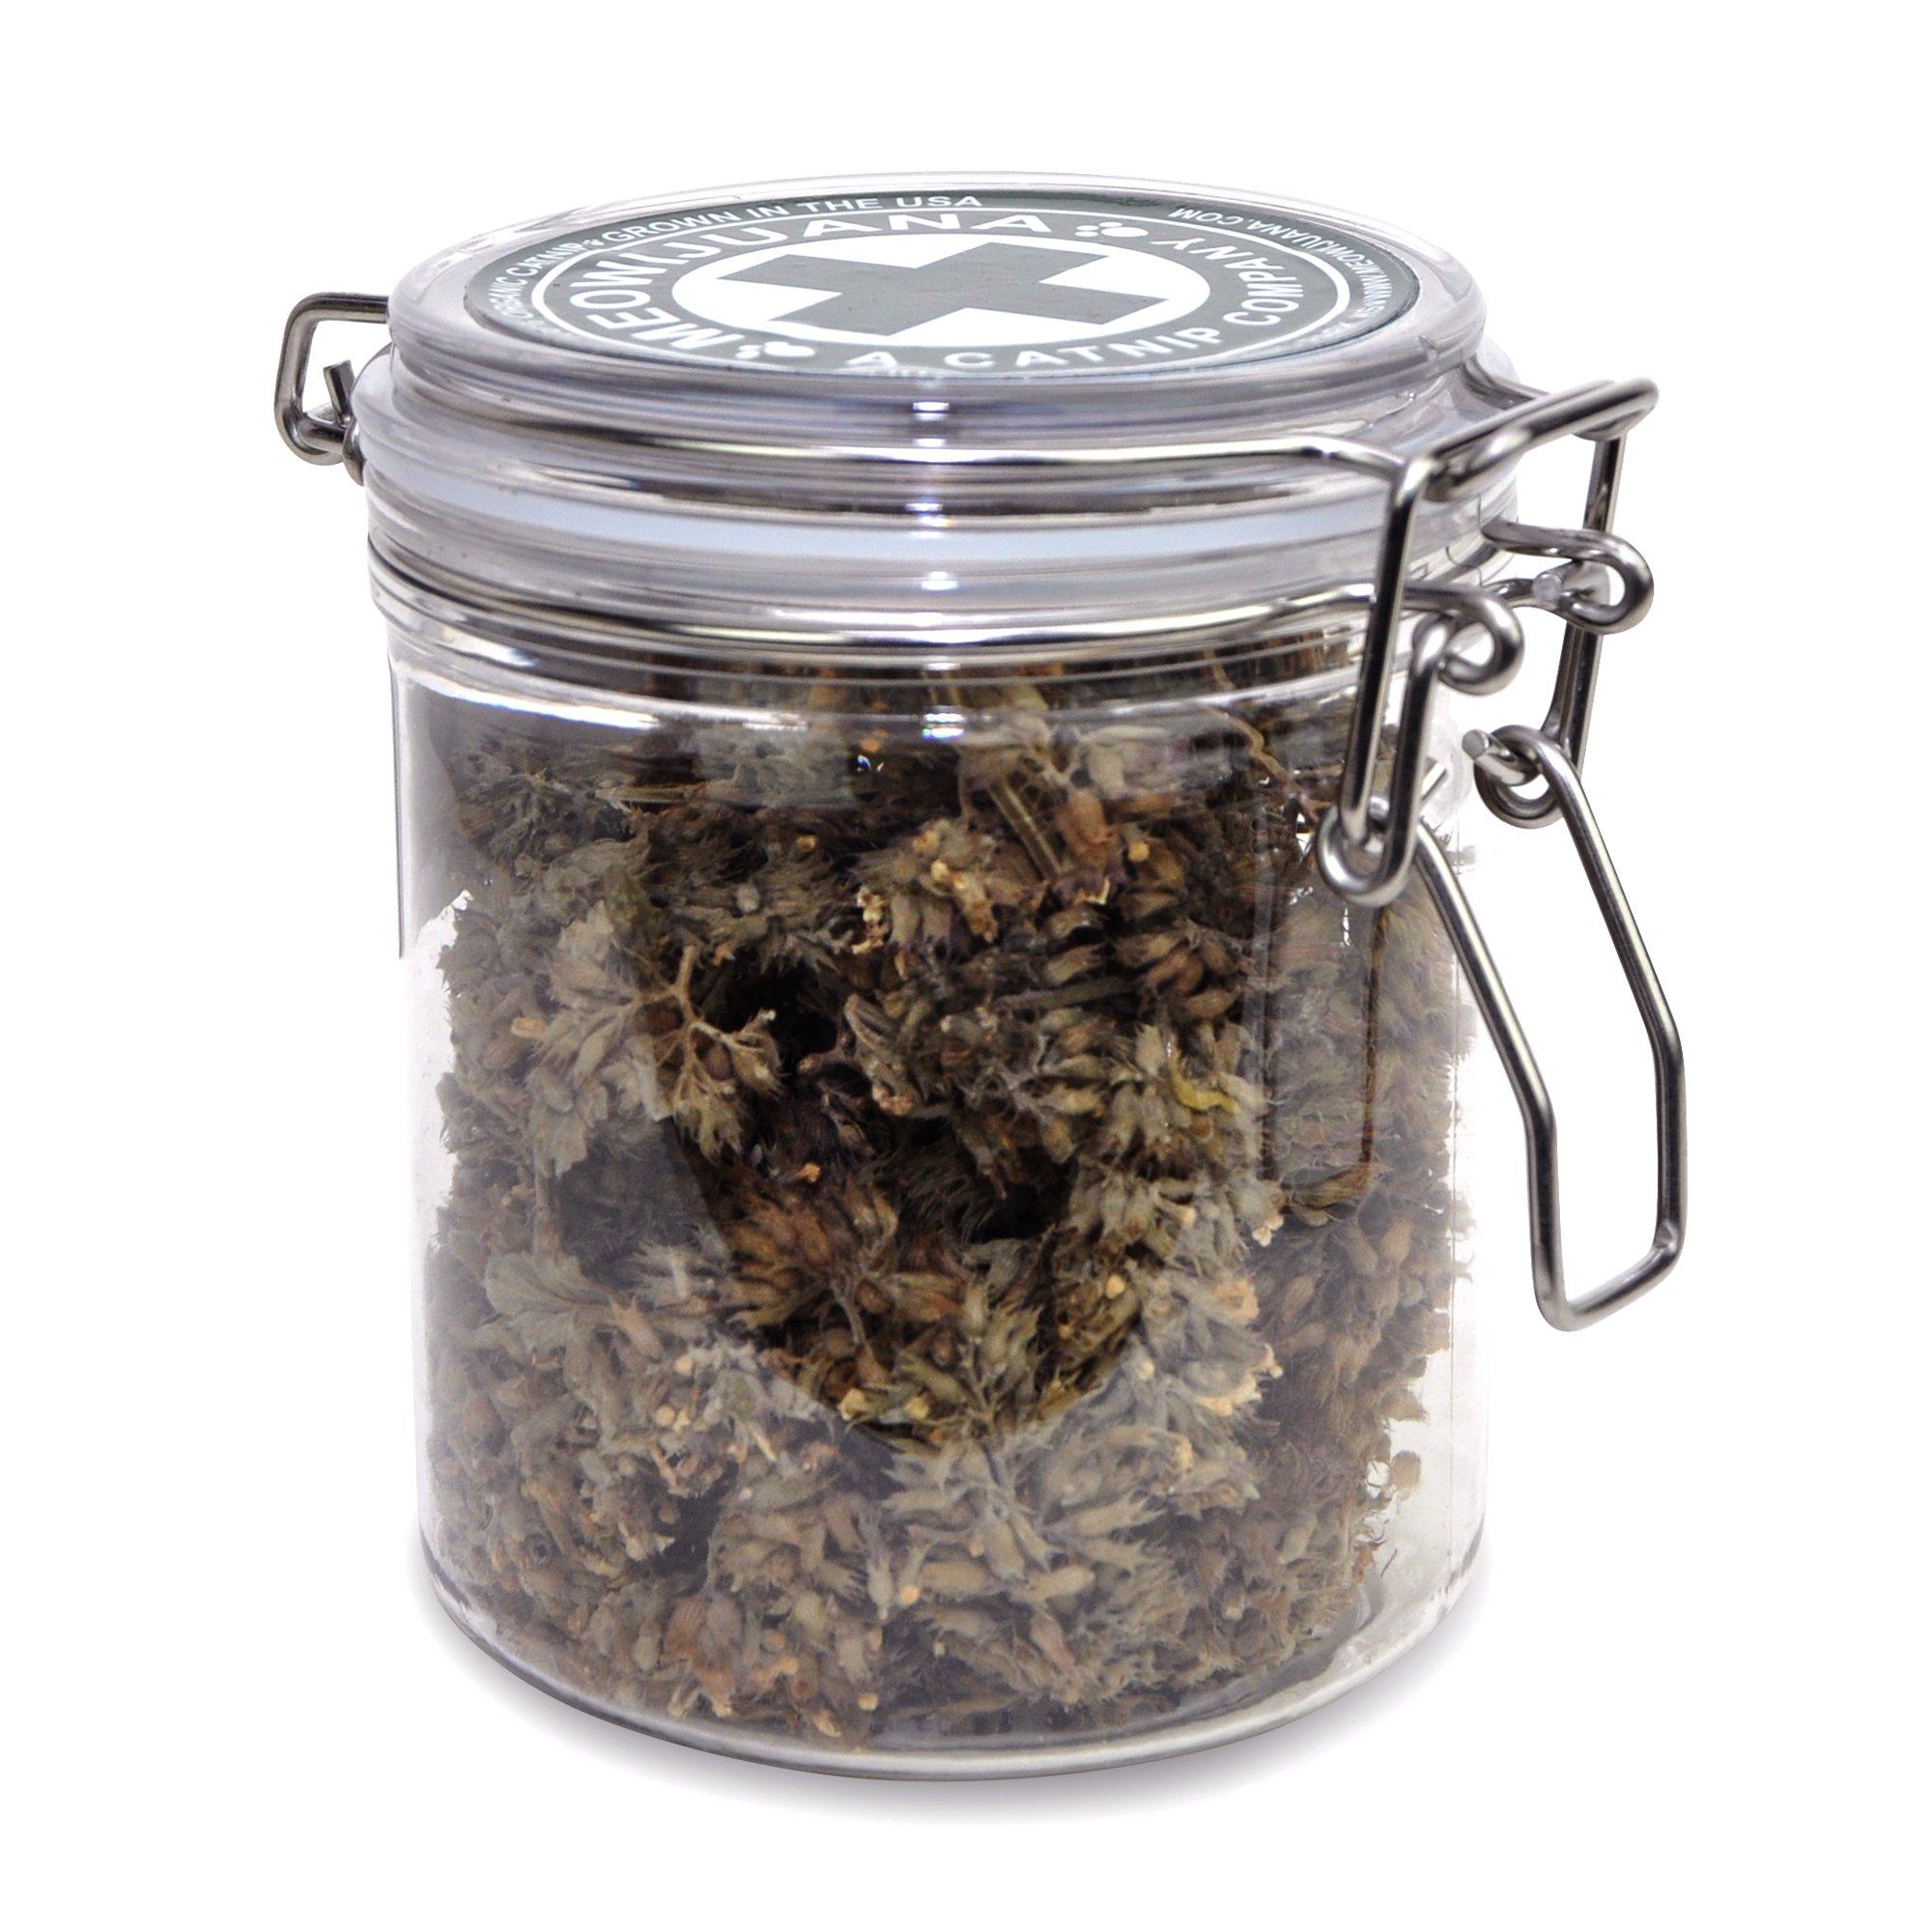 Meowijuana Jar of Buds - Large Jar